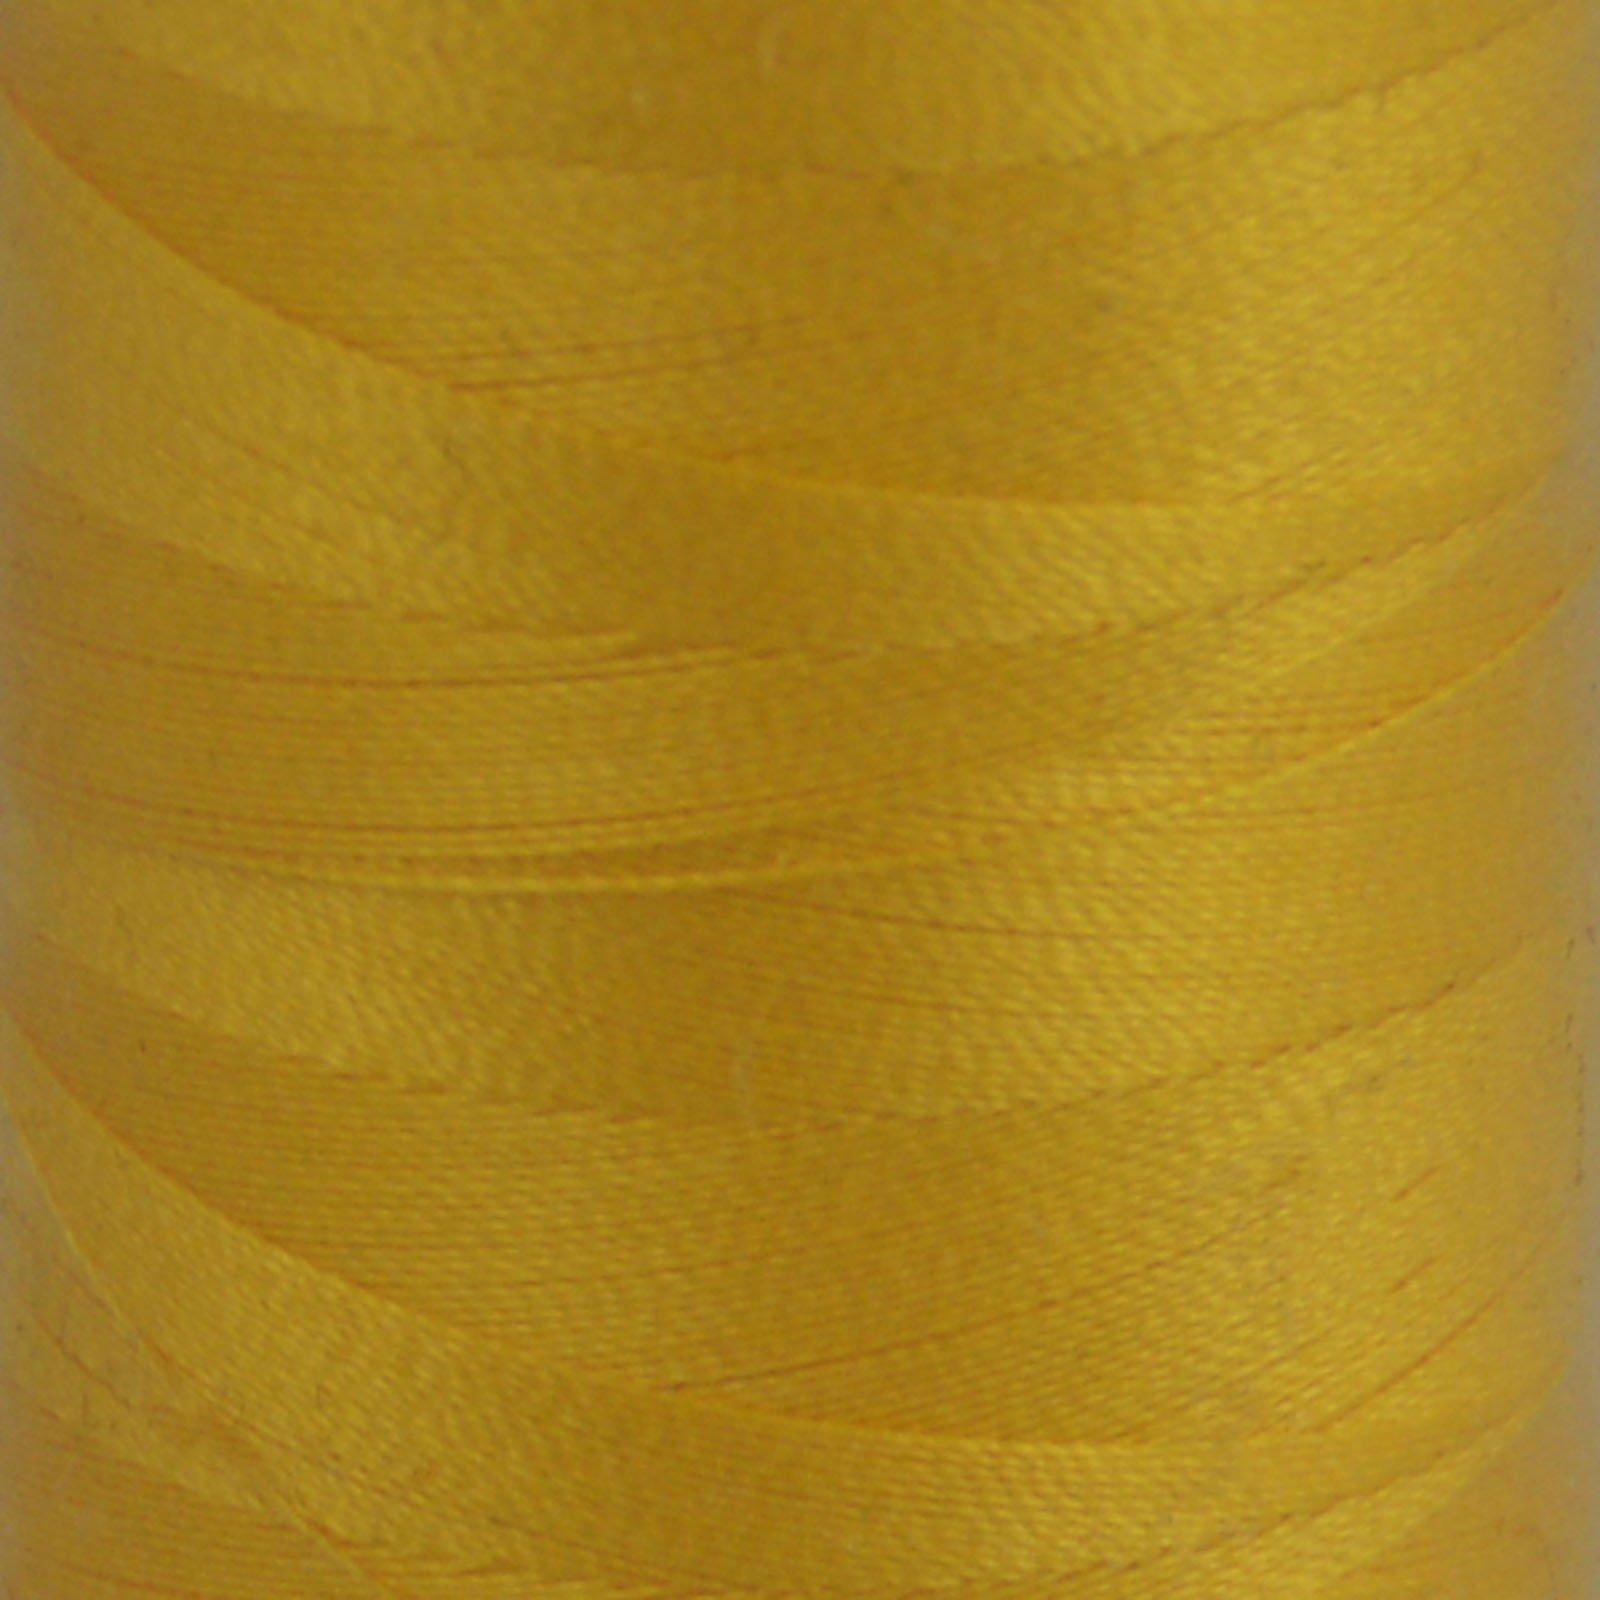 # 2135 Yellow